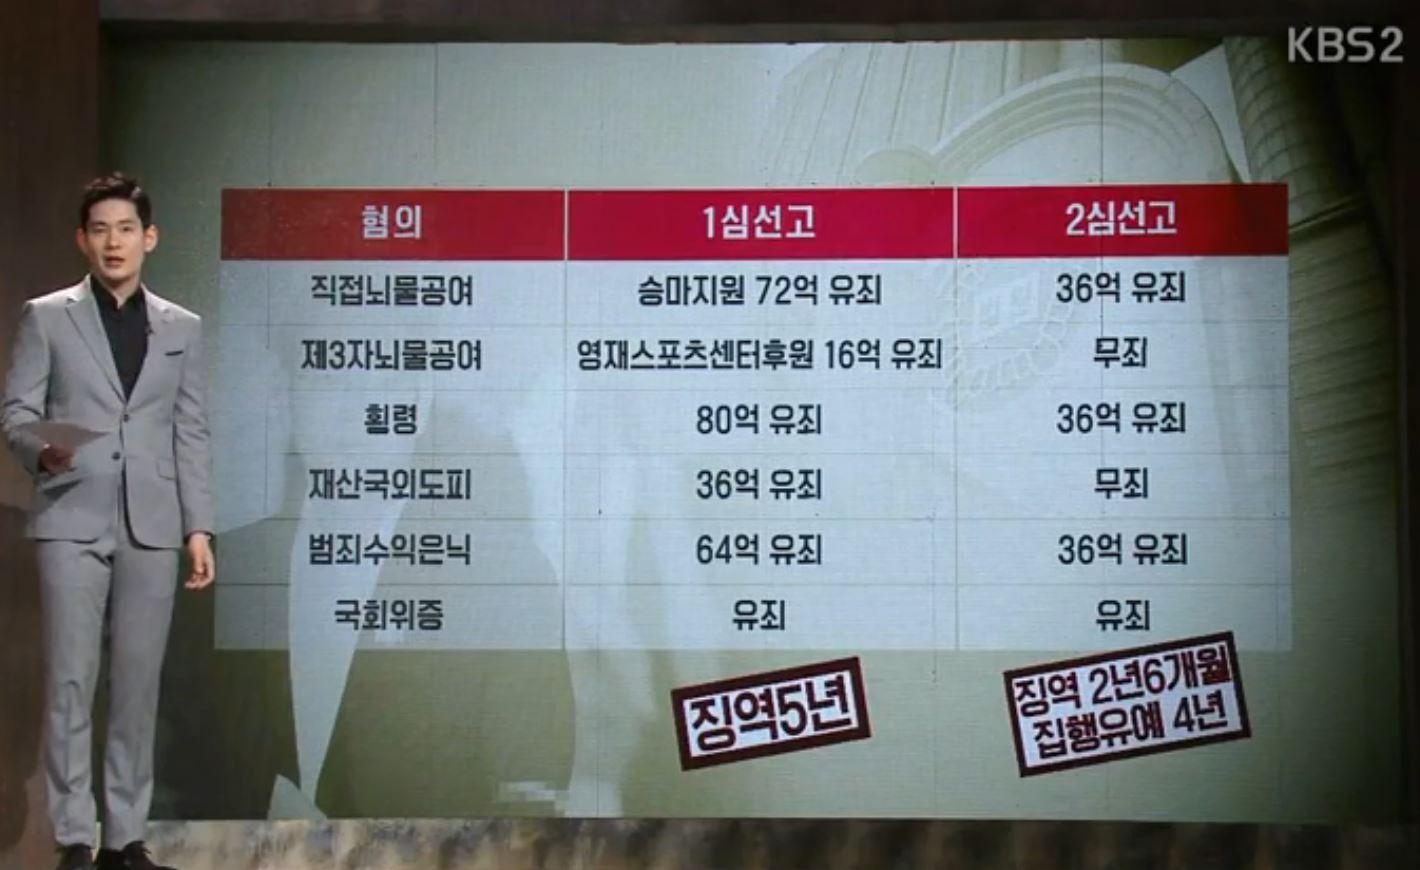 지난 14일, KBS <추적 60분>이 보도한 '이재용은 어떻게 풀려났나' 편